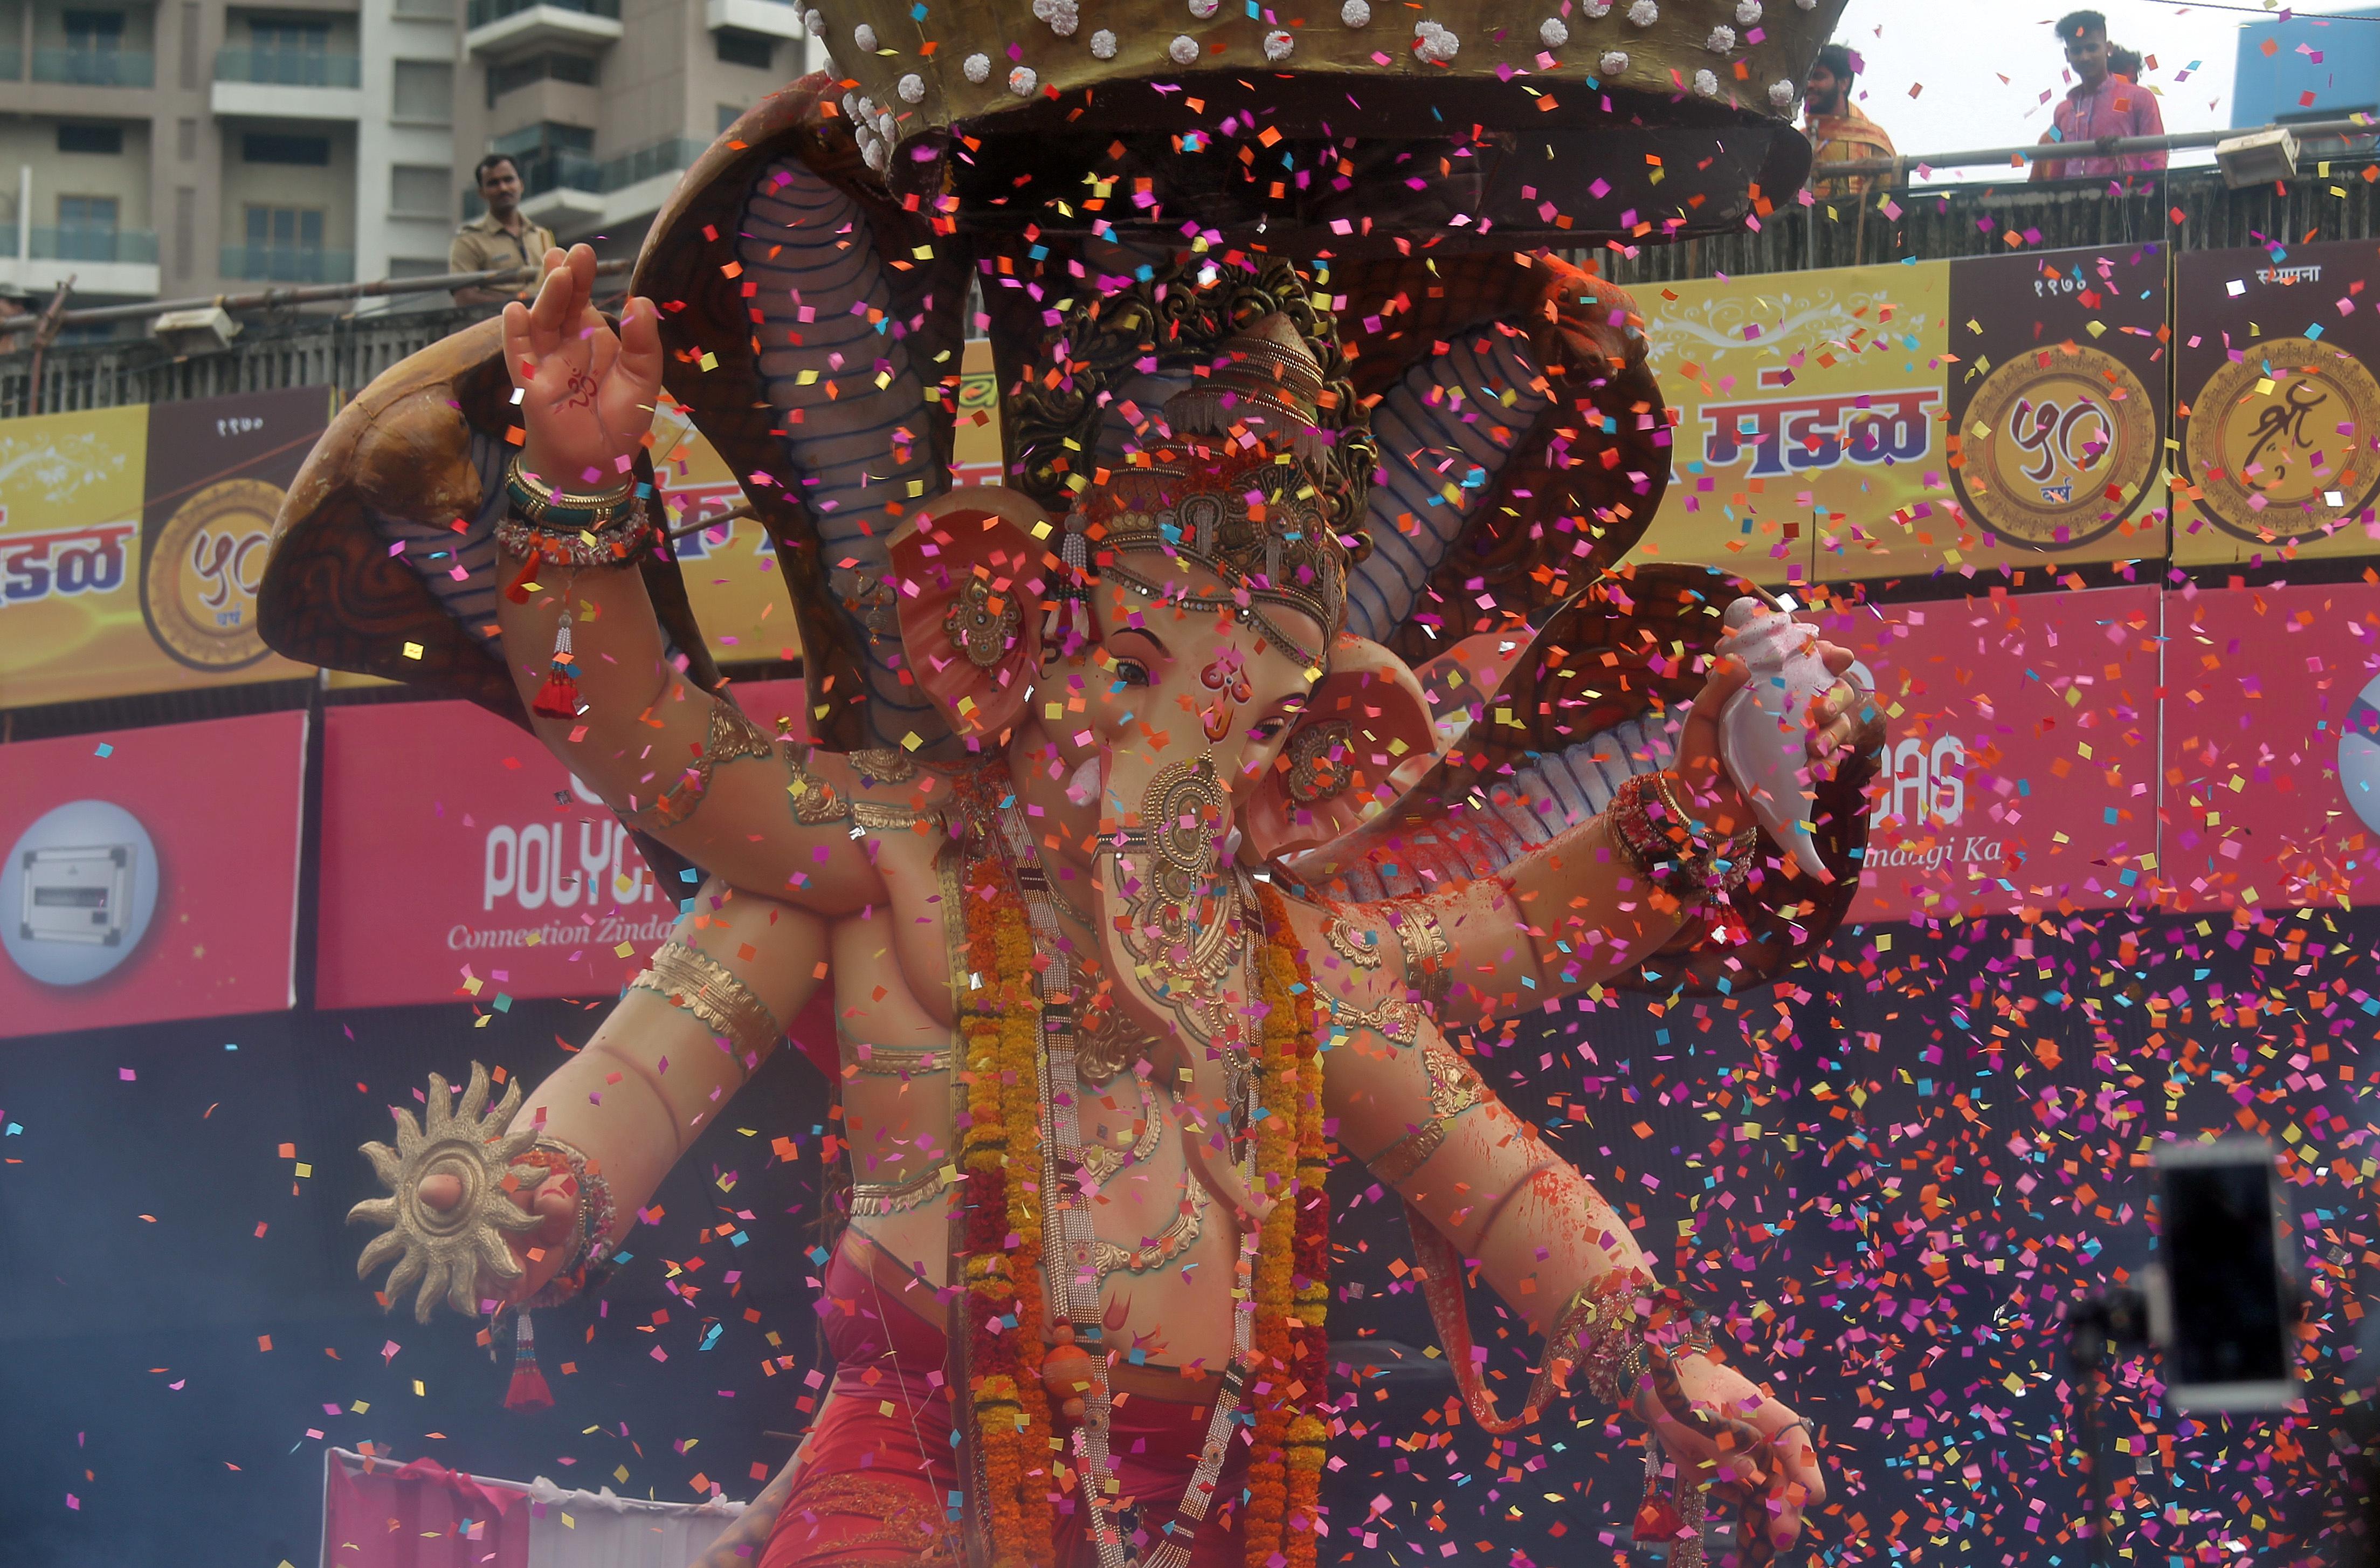 تمثال جانيش تشاتورثى إلة الحكمة وجلب السعادة